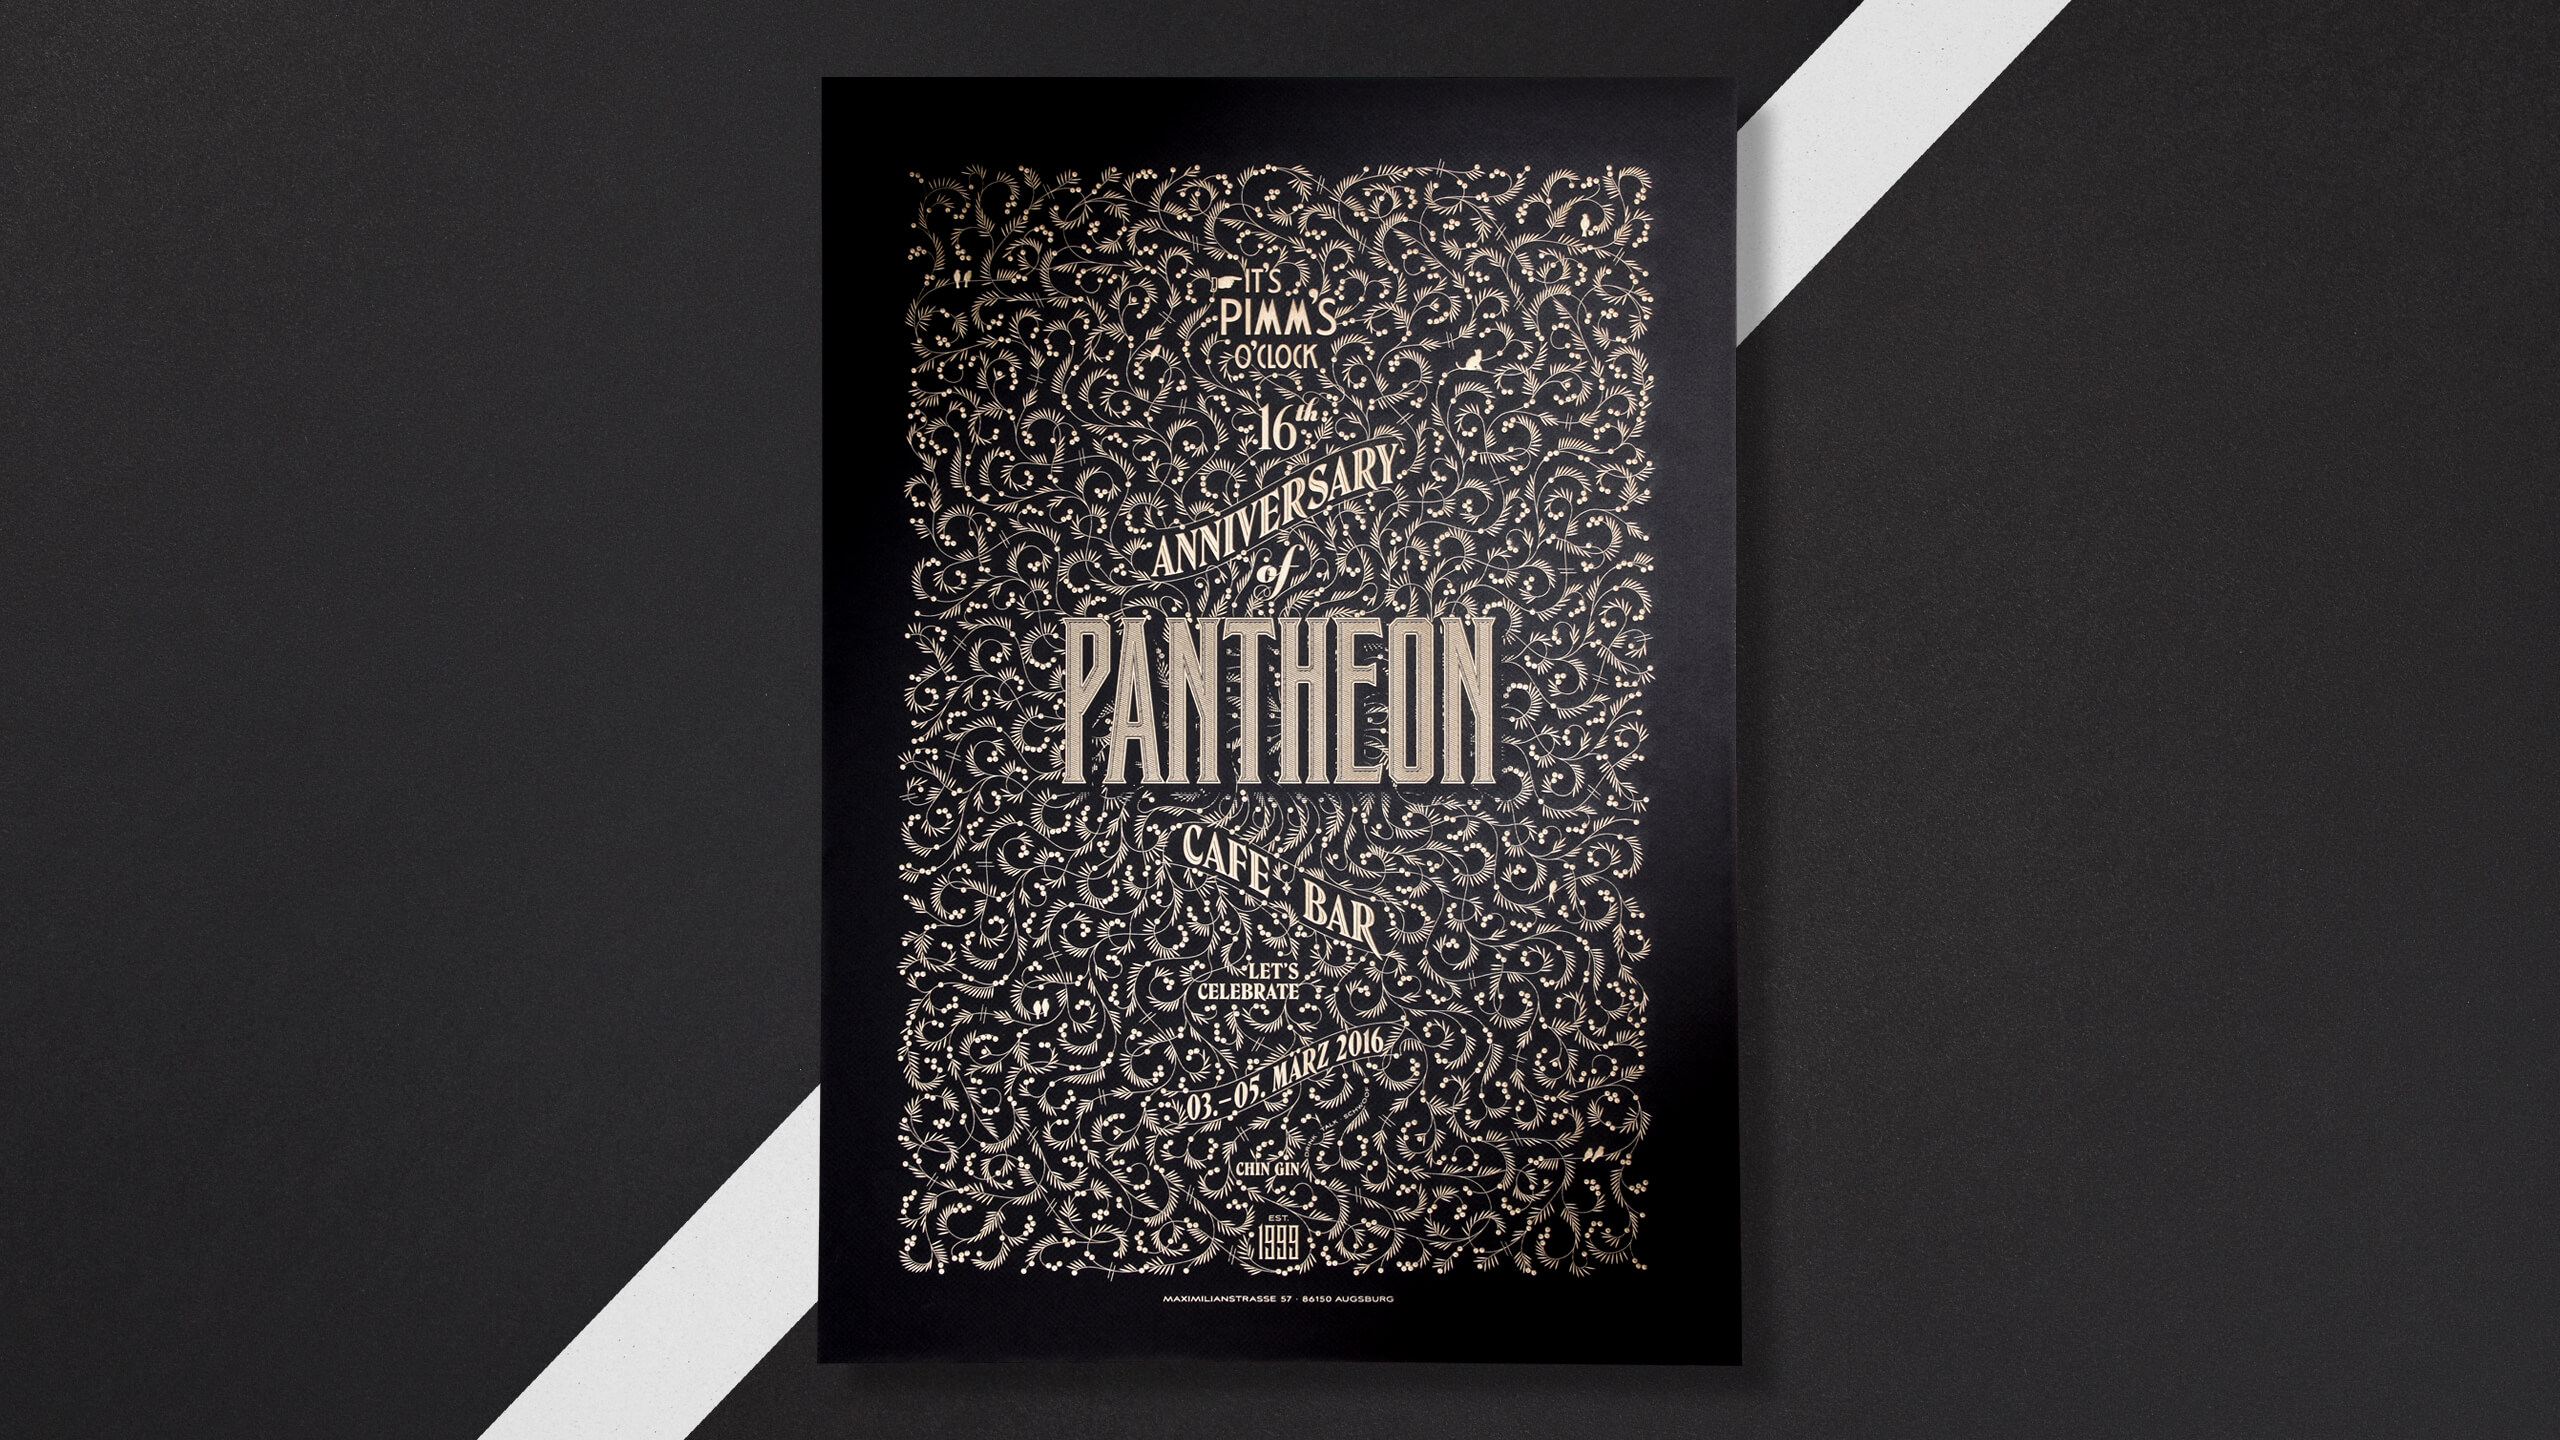 wirsindschoener_pantheon16th_2_2560x1440